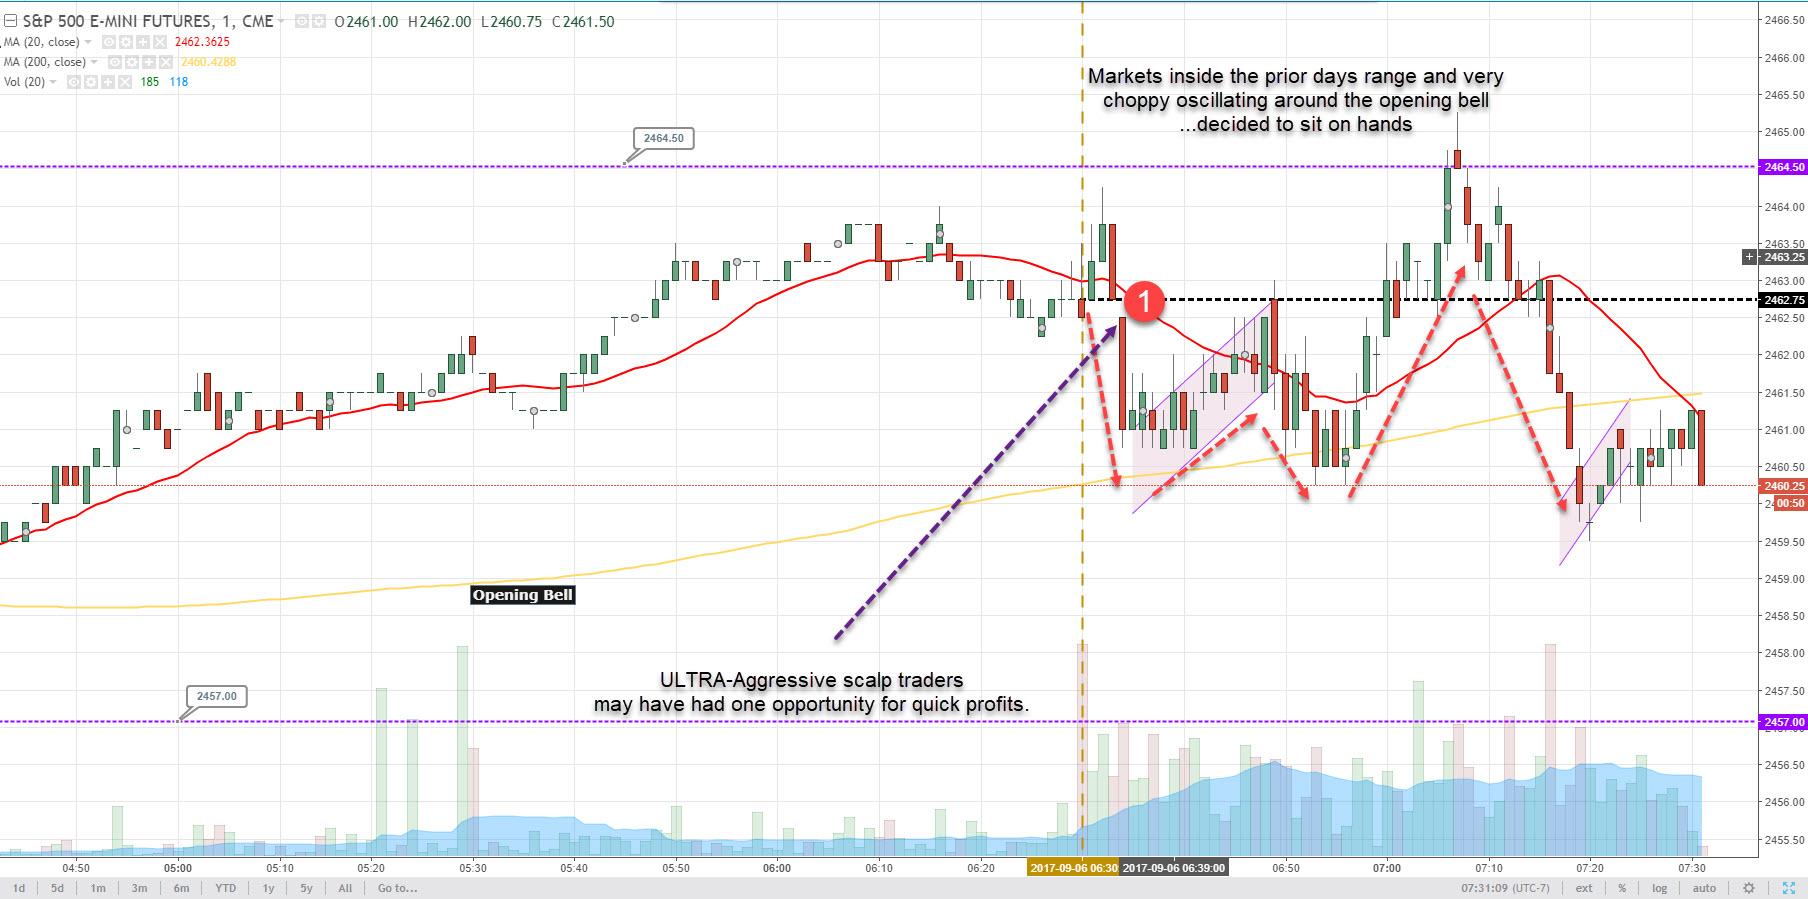 Wednesday September 6 2017 Scalp Trading Made Super Easy